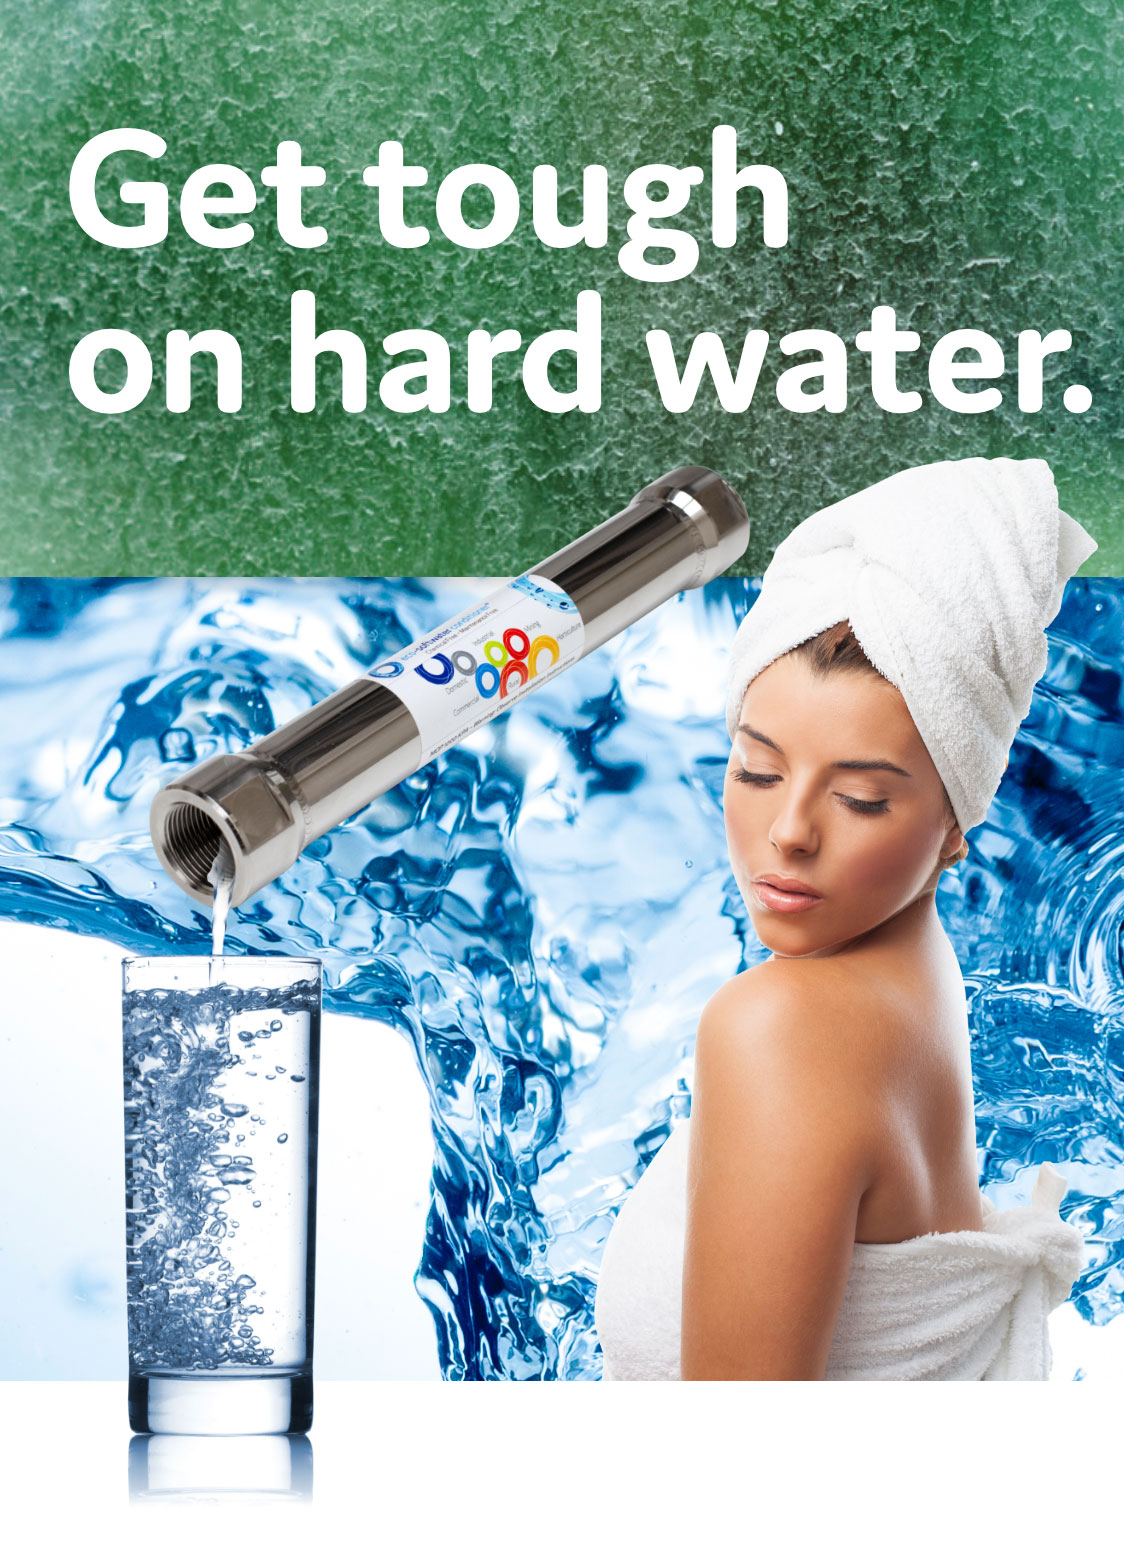 Get tough on hard water